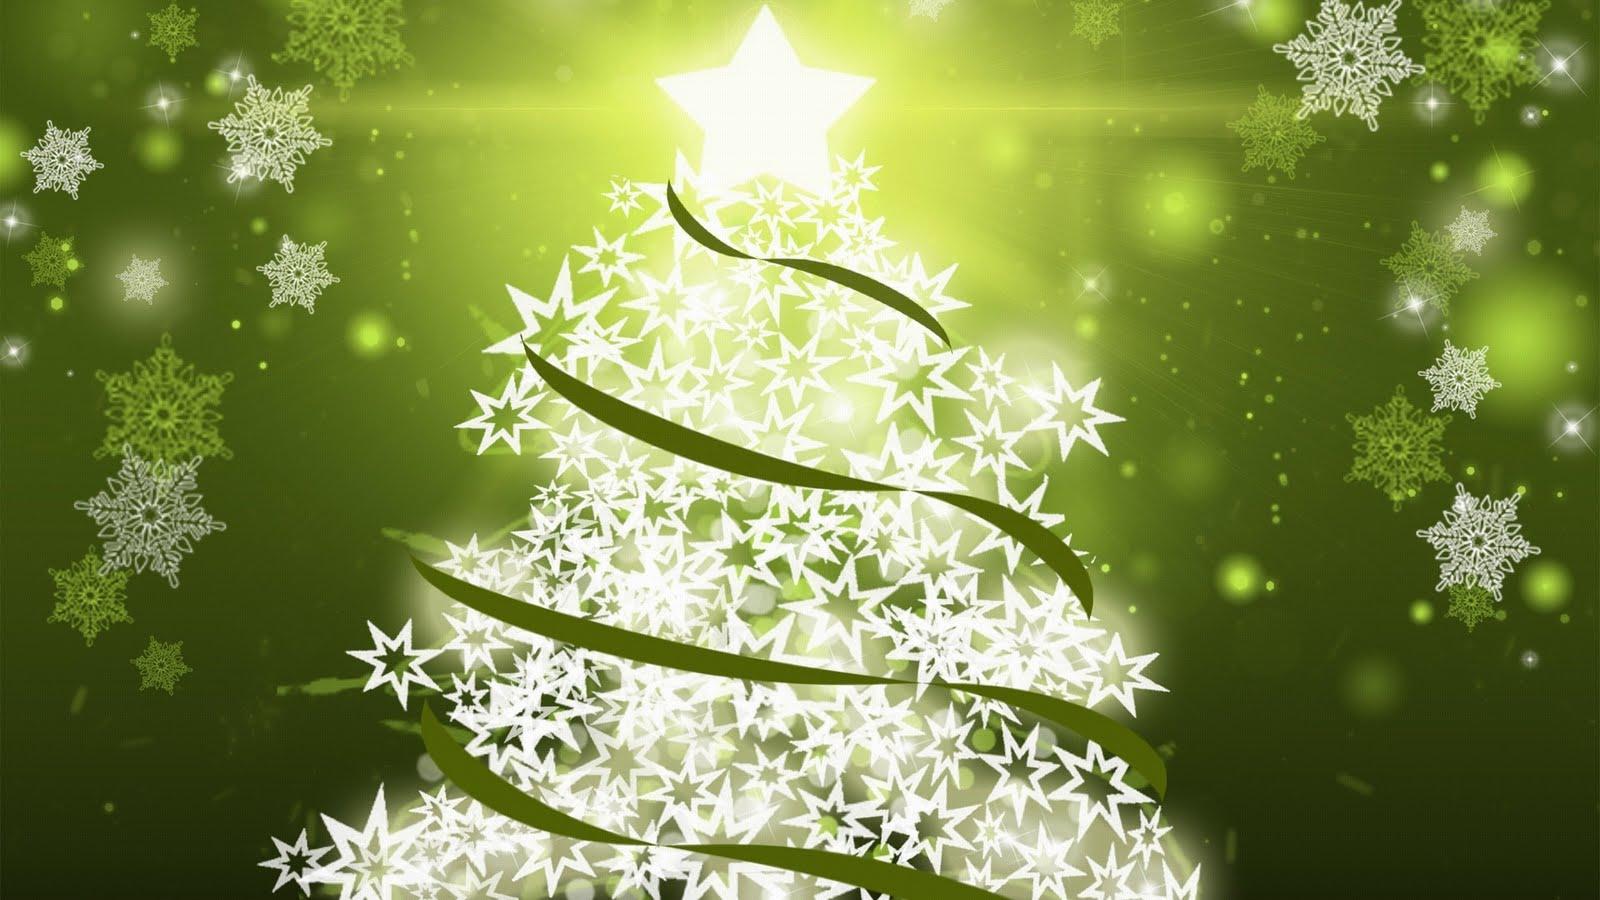 Advent und weihnachten bilder zu weihnachten - Advent hintergrundbilder ...